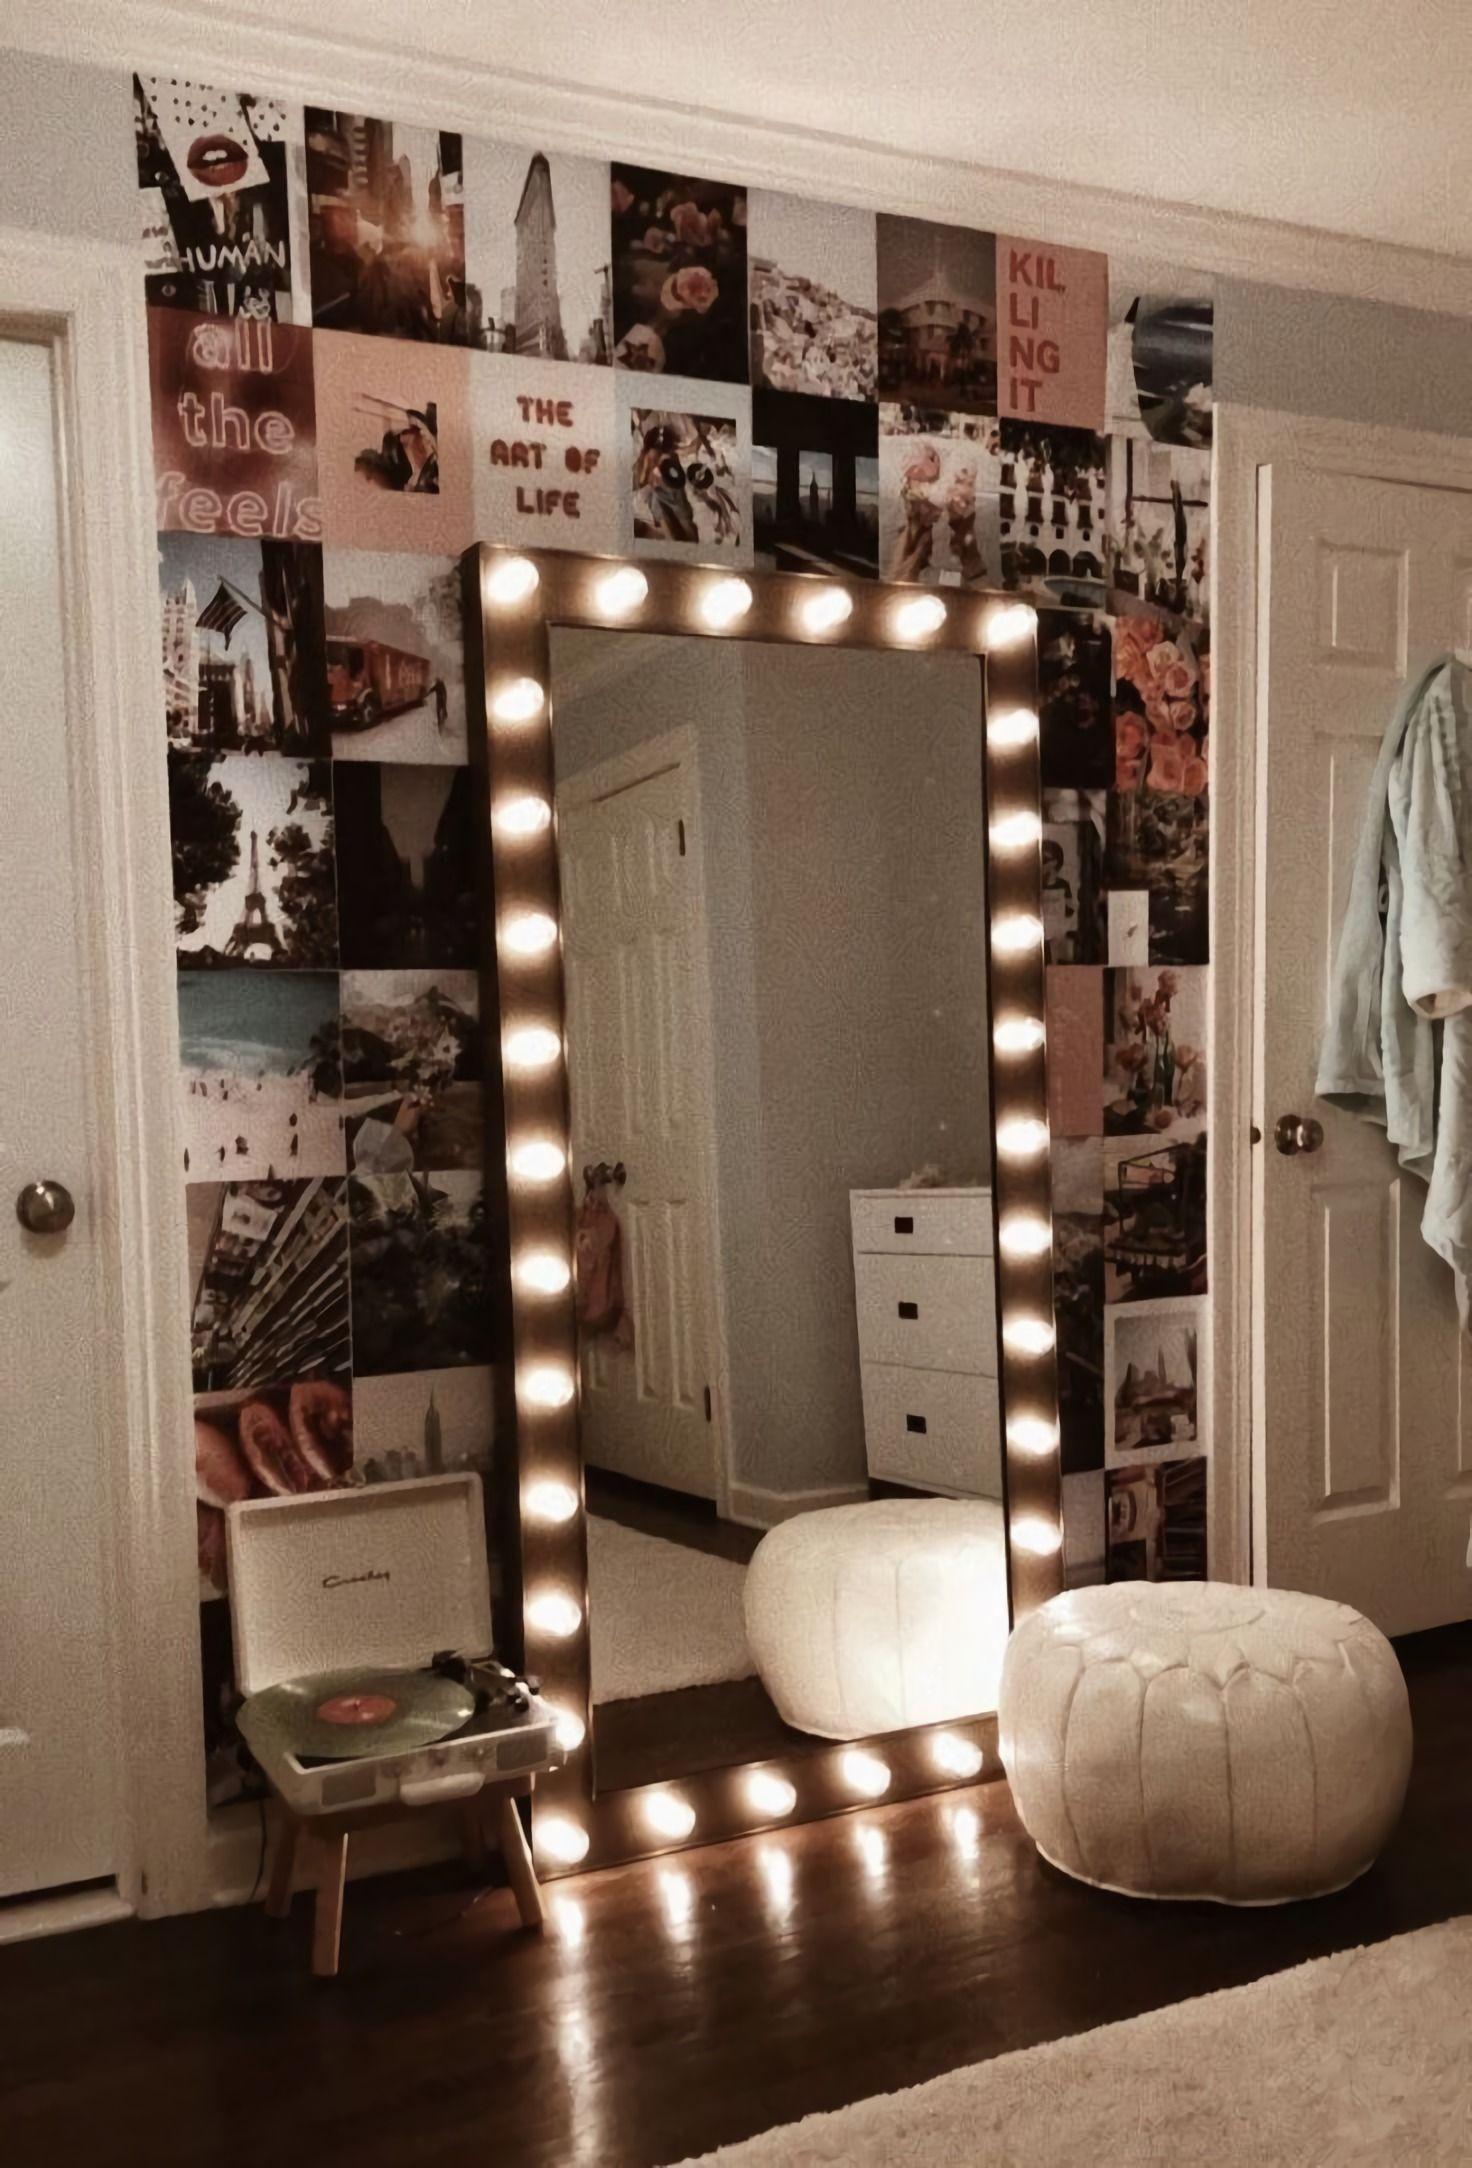 17 Diy Vanity Mirror Ideas To Make Your Room More Beautiful Slaapkamer Decor Slaapkamerideeen En Ideeen Voor Een Kamer